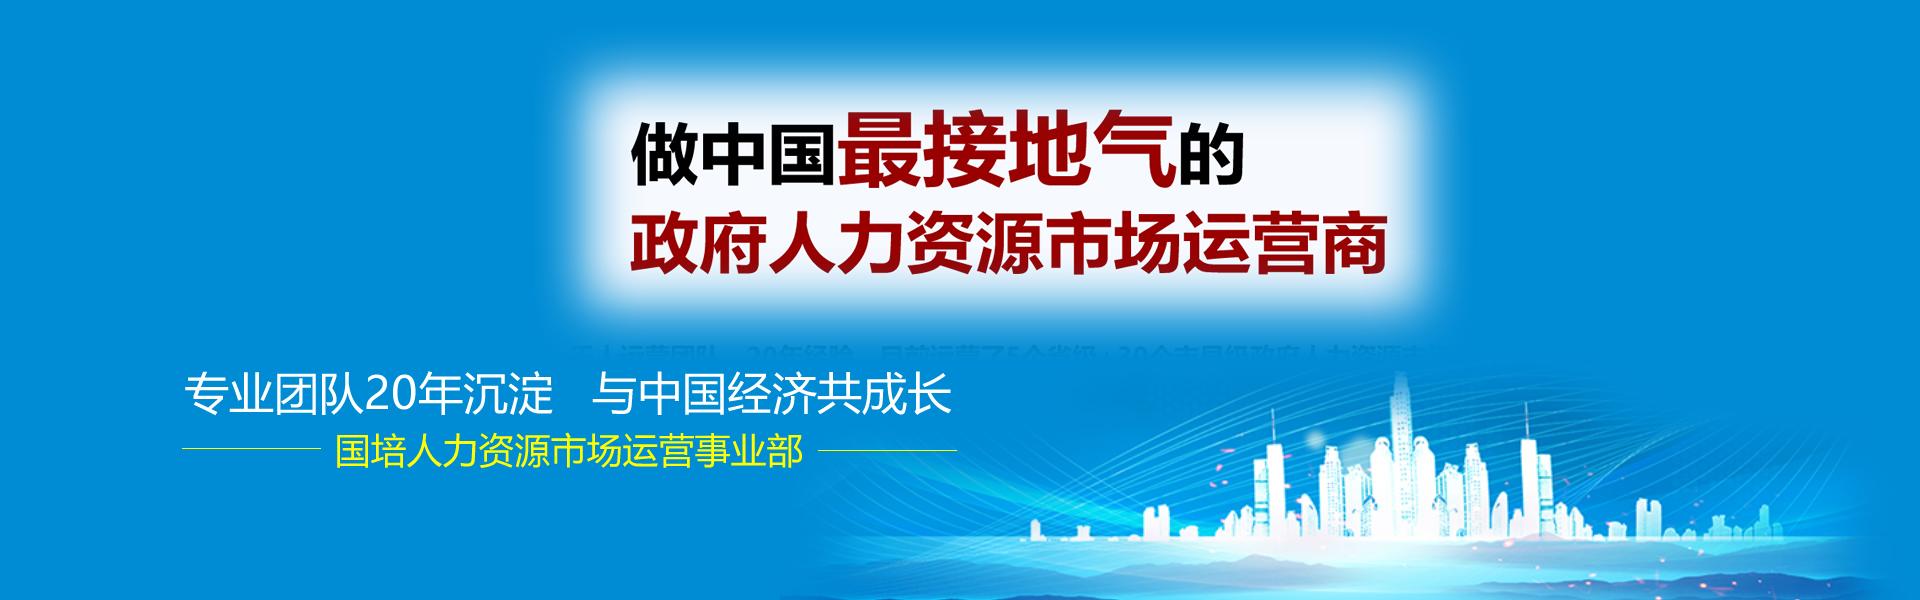 聚才人力集团是中国最接地气的 政府人力资源市场运营商